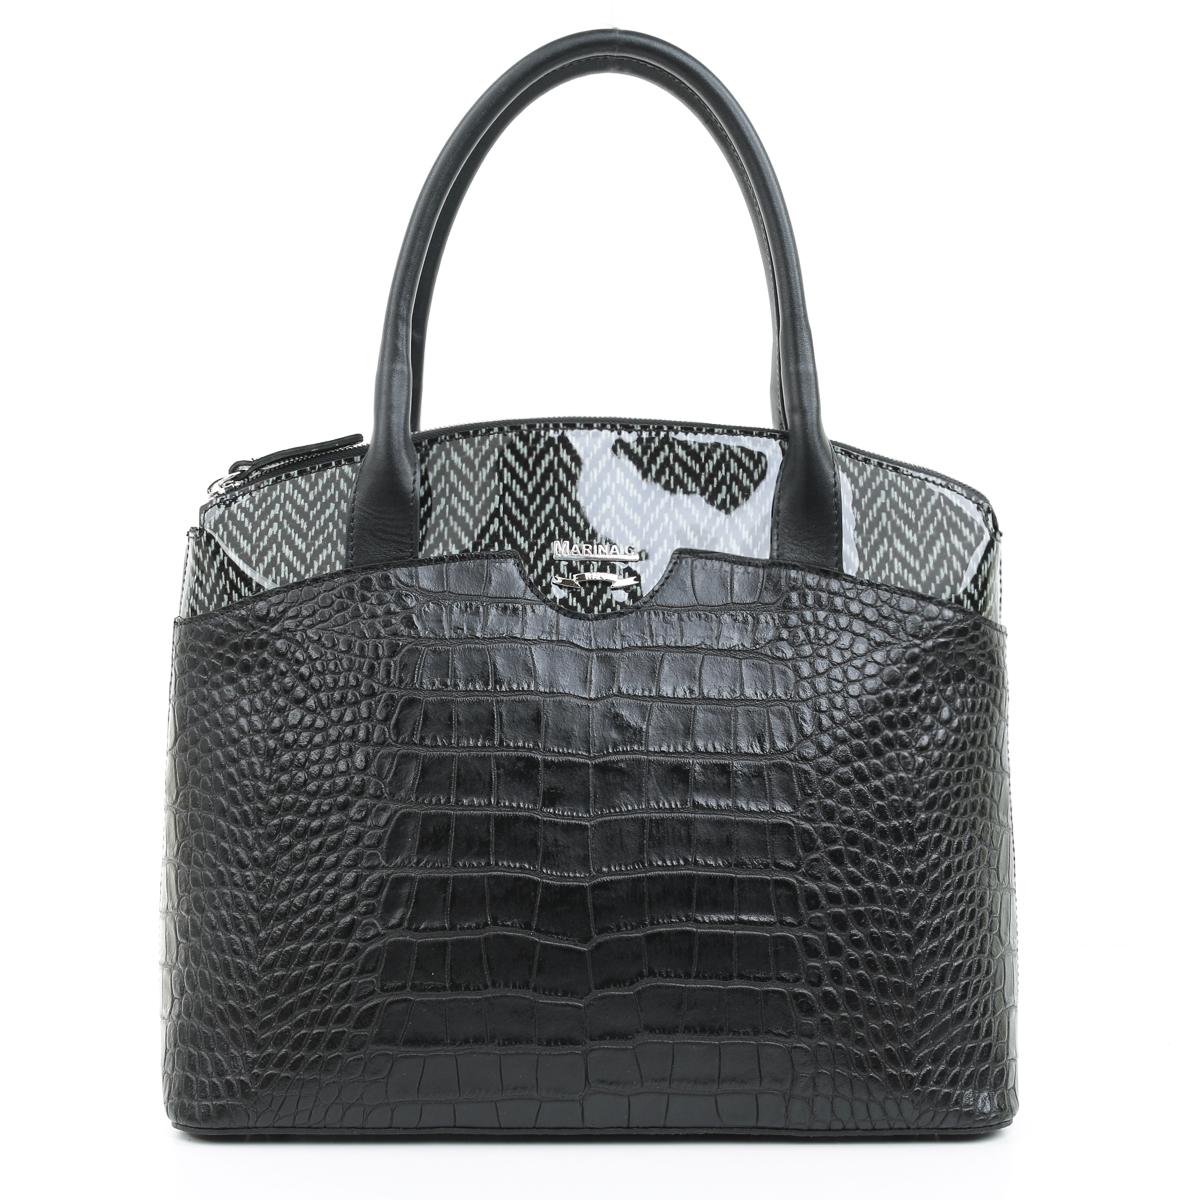 b84f493308c7 Купить сумку Marina Creazioni из натуральной кожи в интернет ...